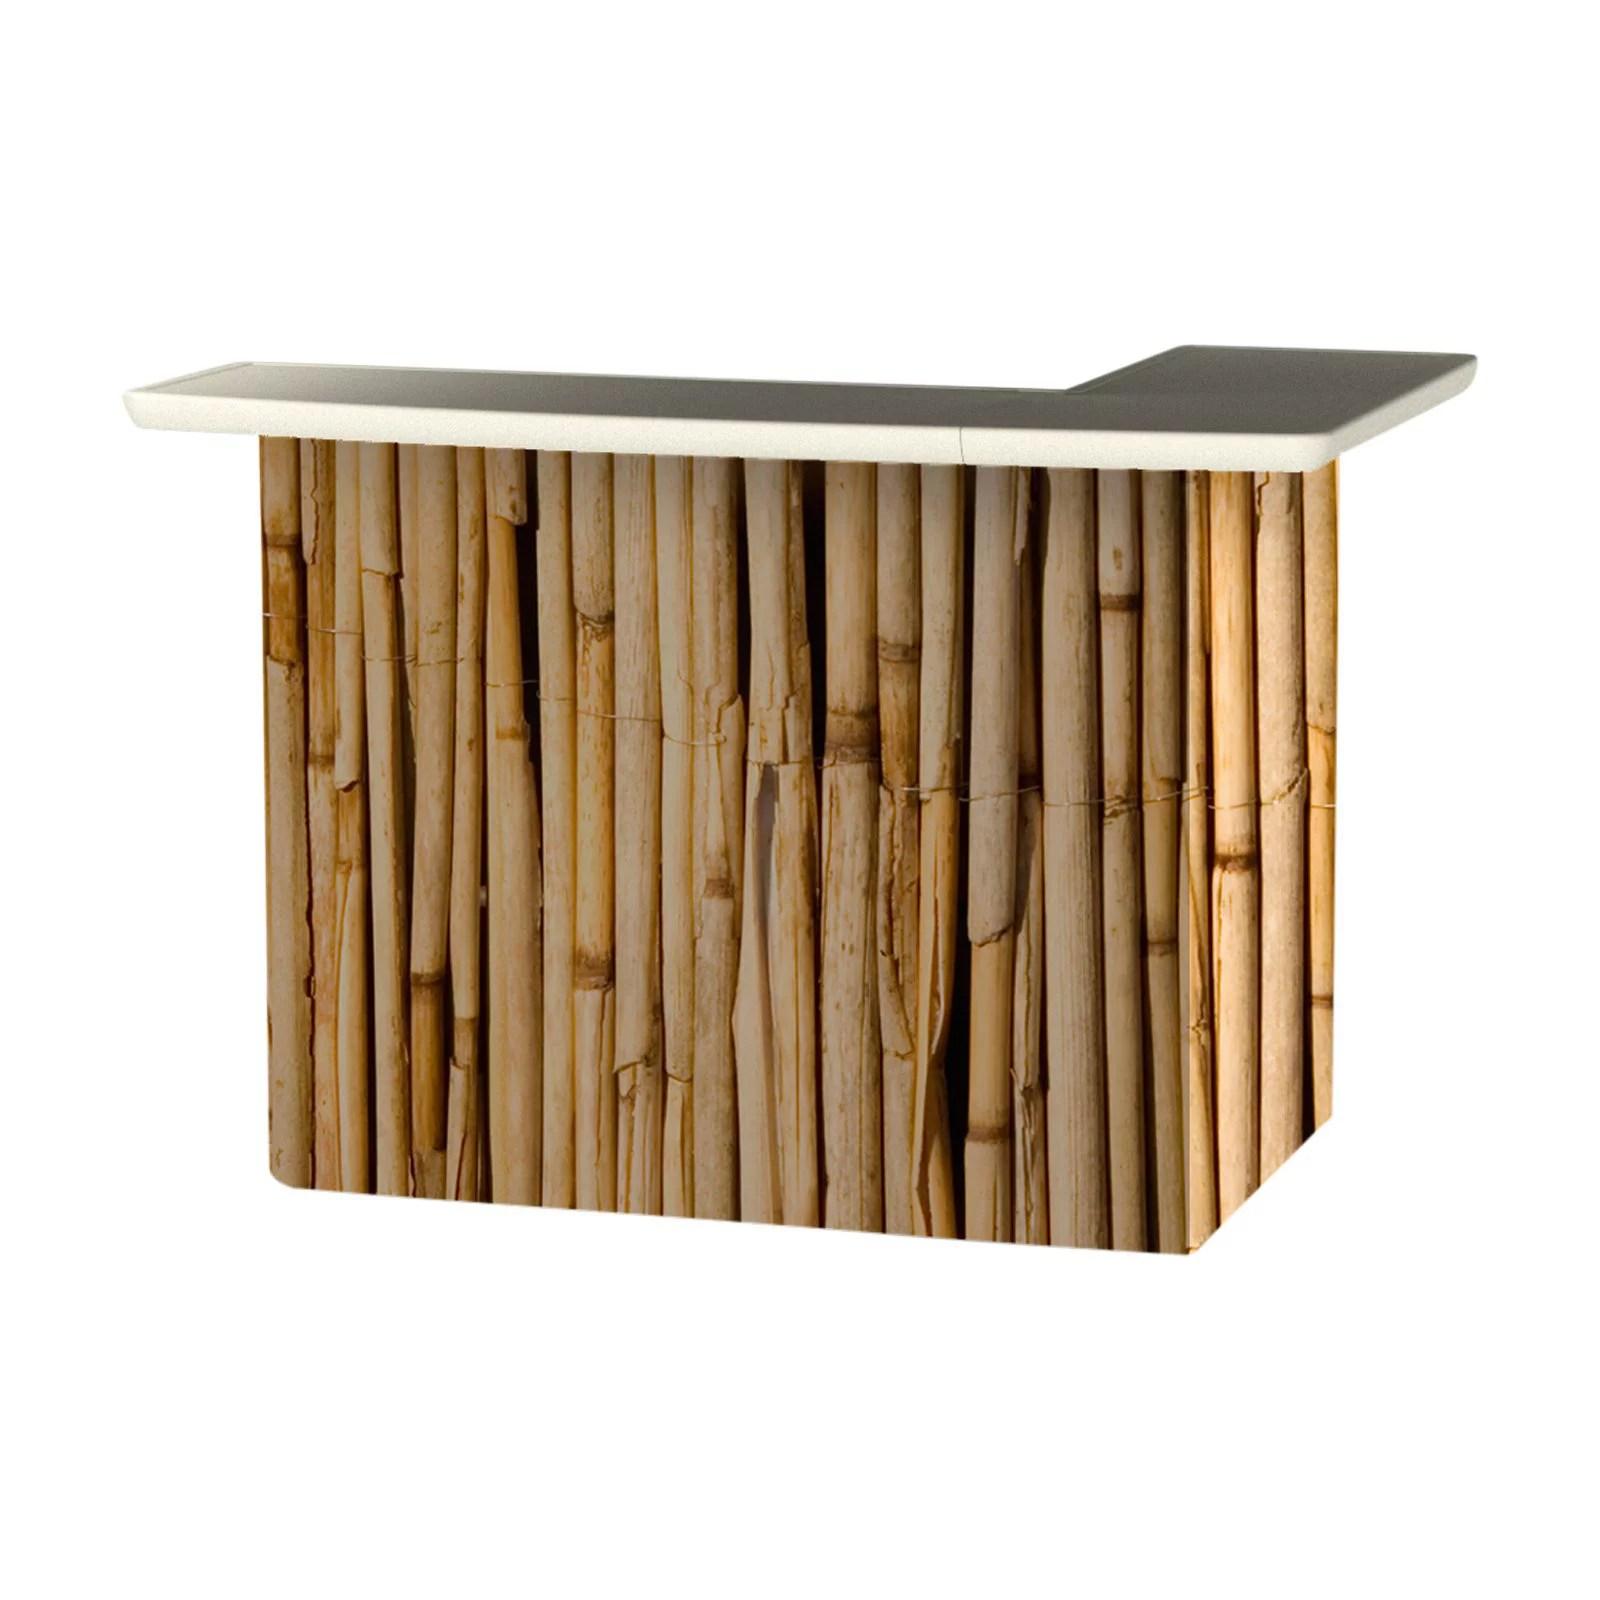 Best of Times Hawaiian Bamboo Portable Outdoor Bar ... on Portable Backyard Bar id=95625